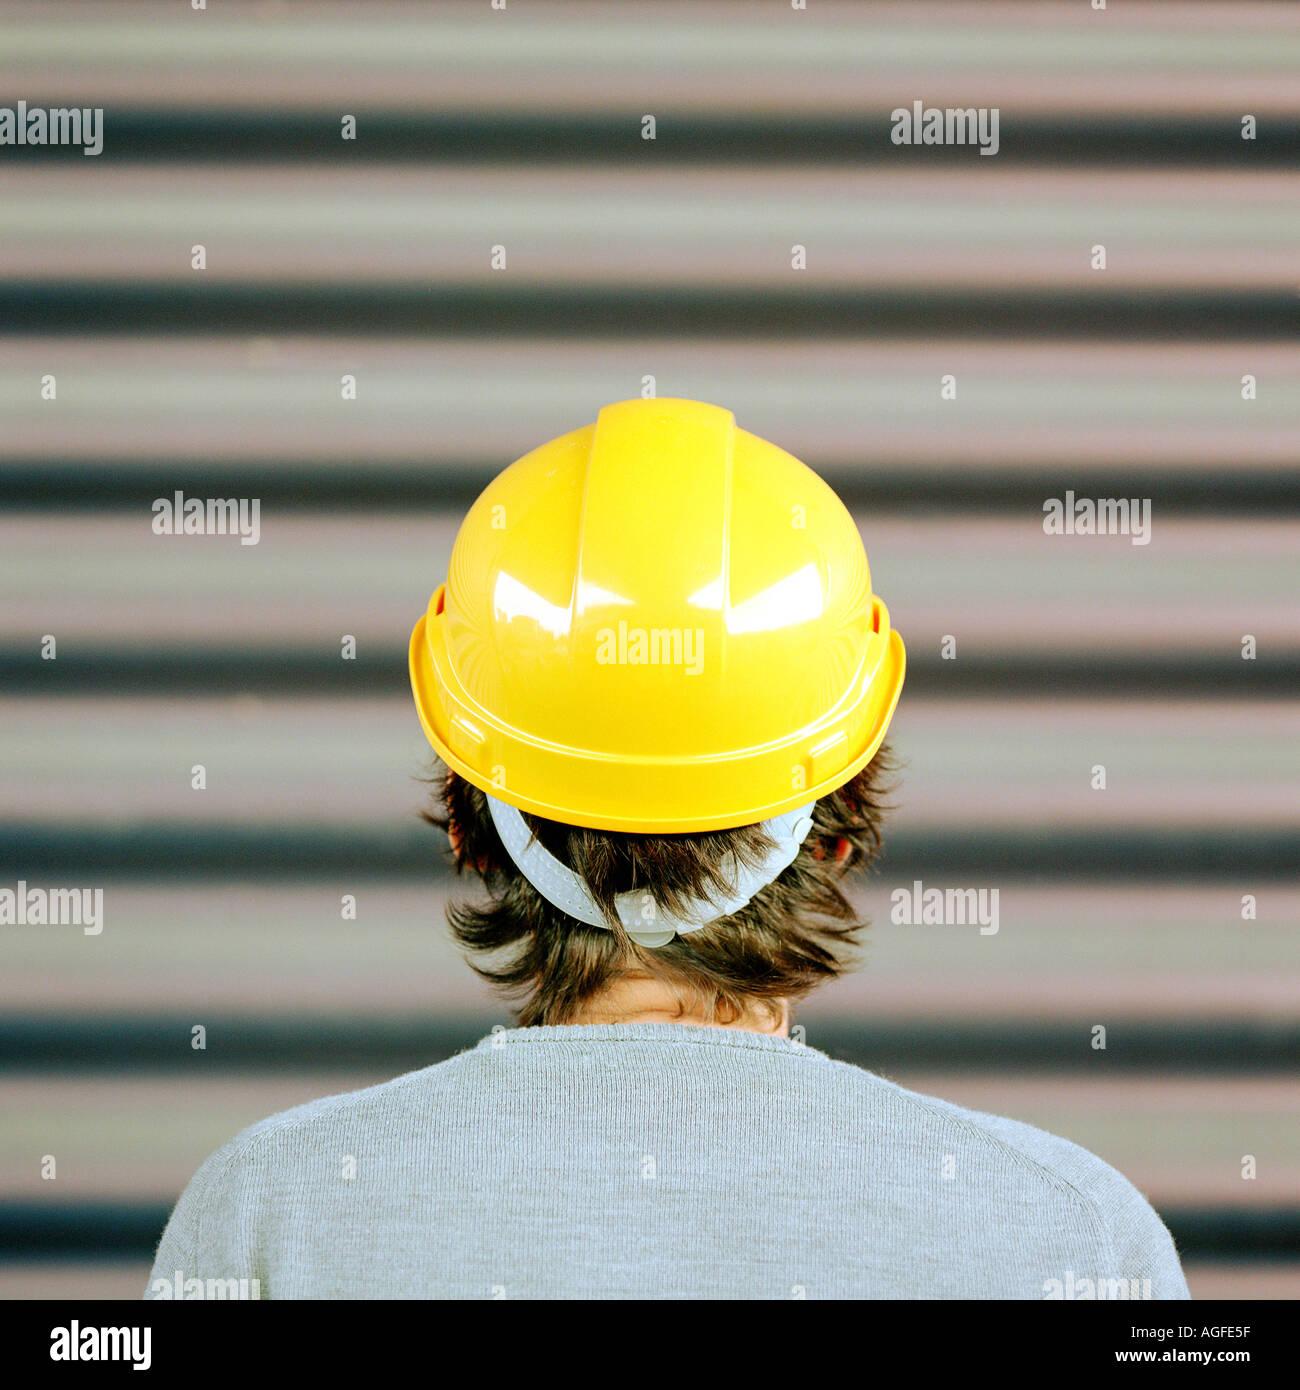 Man wearing a hard hat - Stock Image